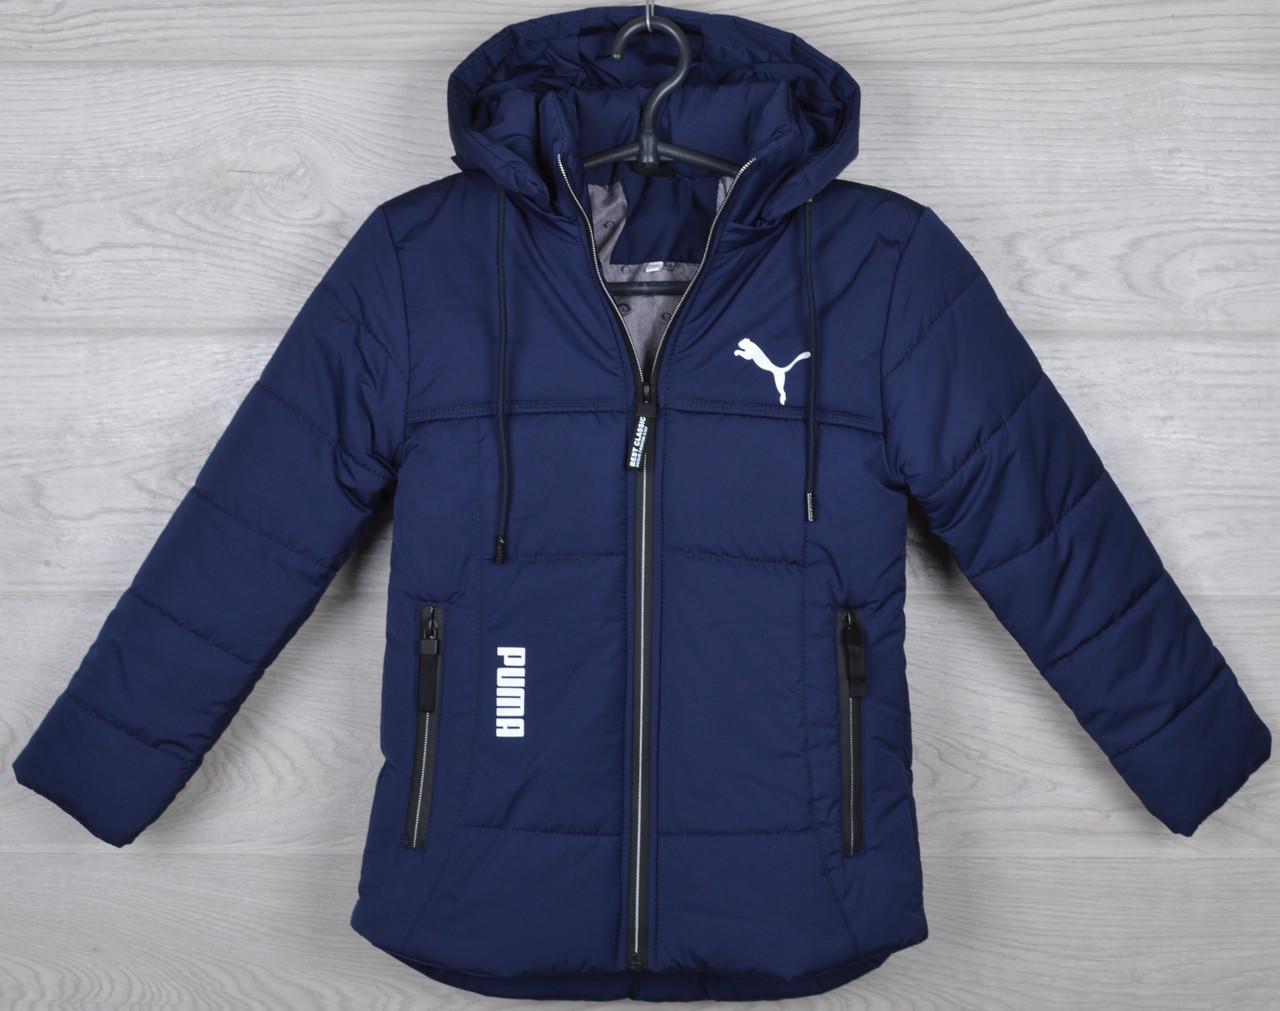 """Куртка детская демисезонная """"Puma реплика"""" 3-4-5-6-7 лет (98-122 см). Синяя. Оптом."""